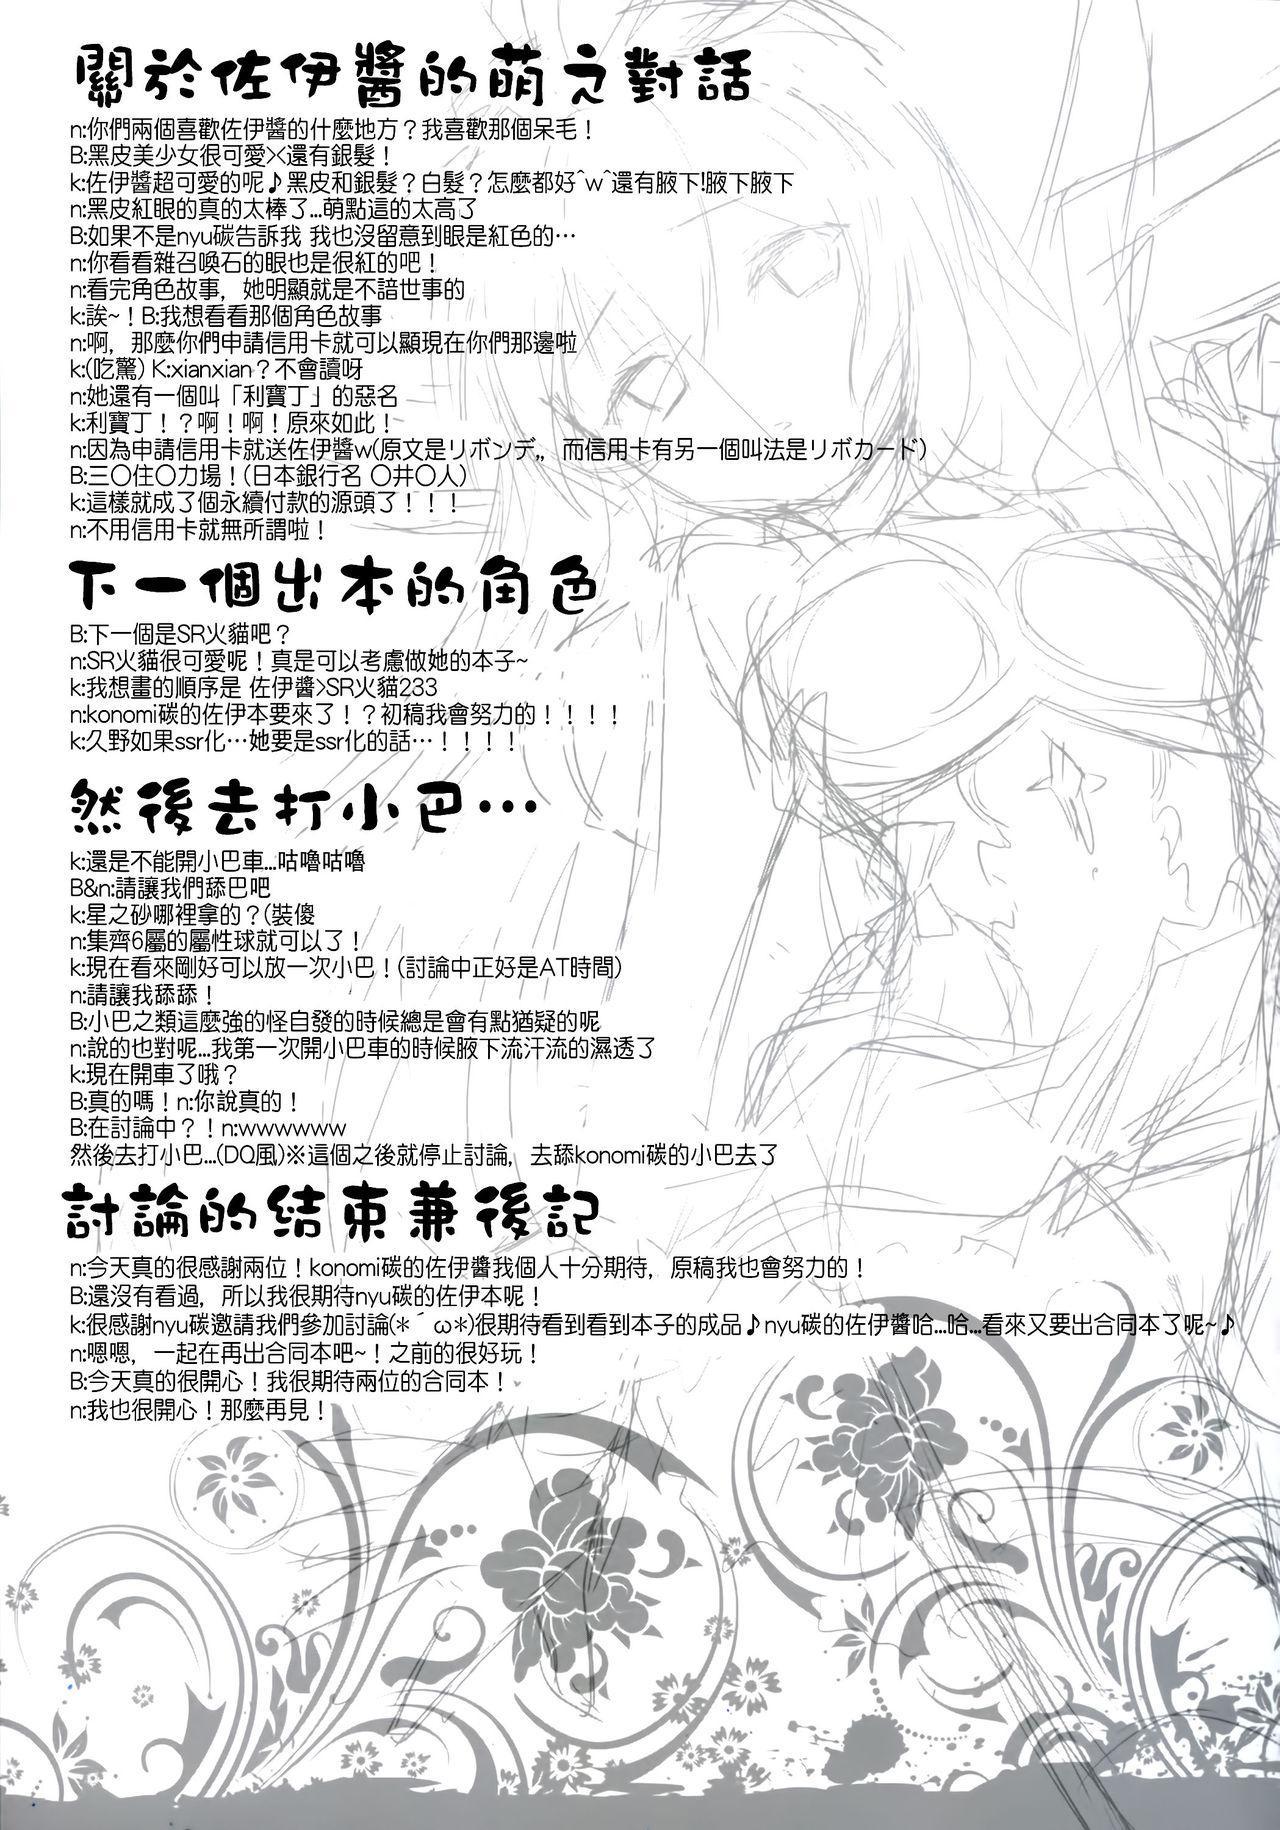 Sekenshirazu na Chouteisha to Gaman Dekinai Danchou-san 16